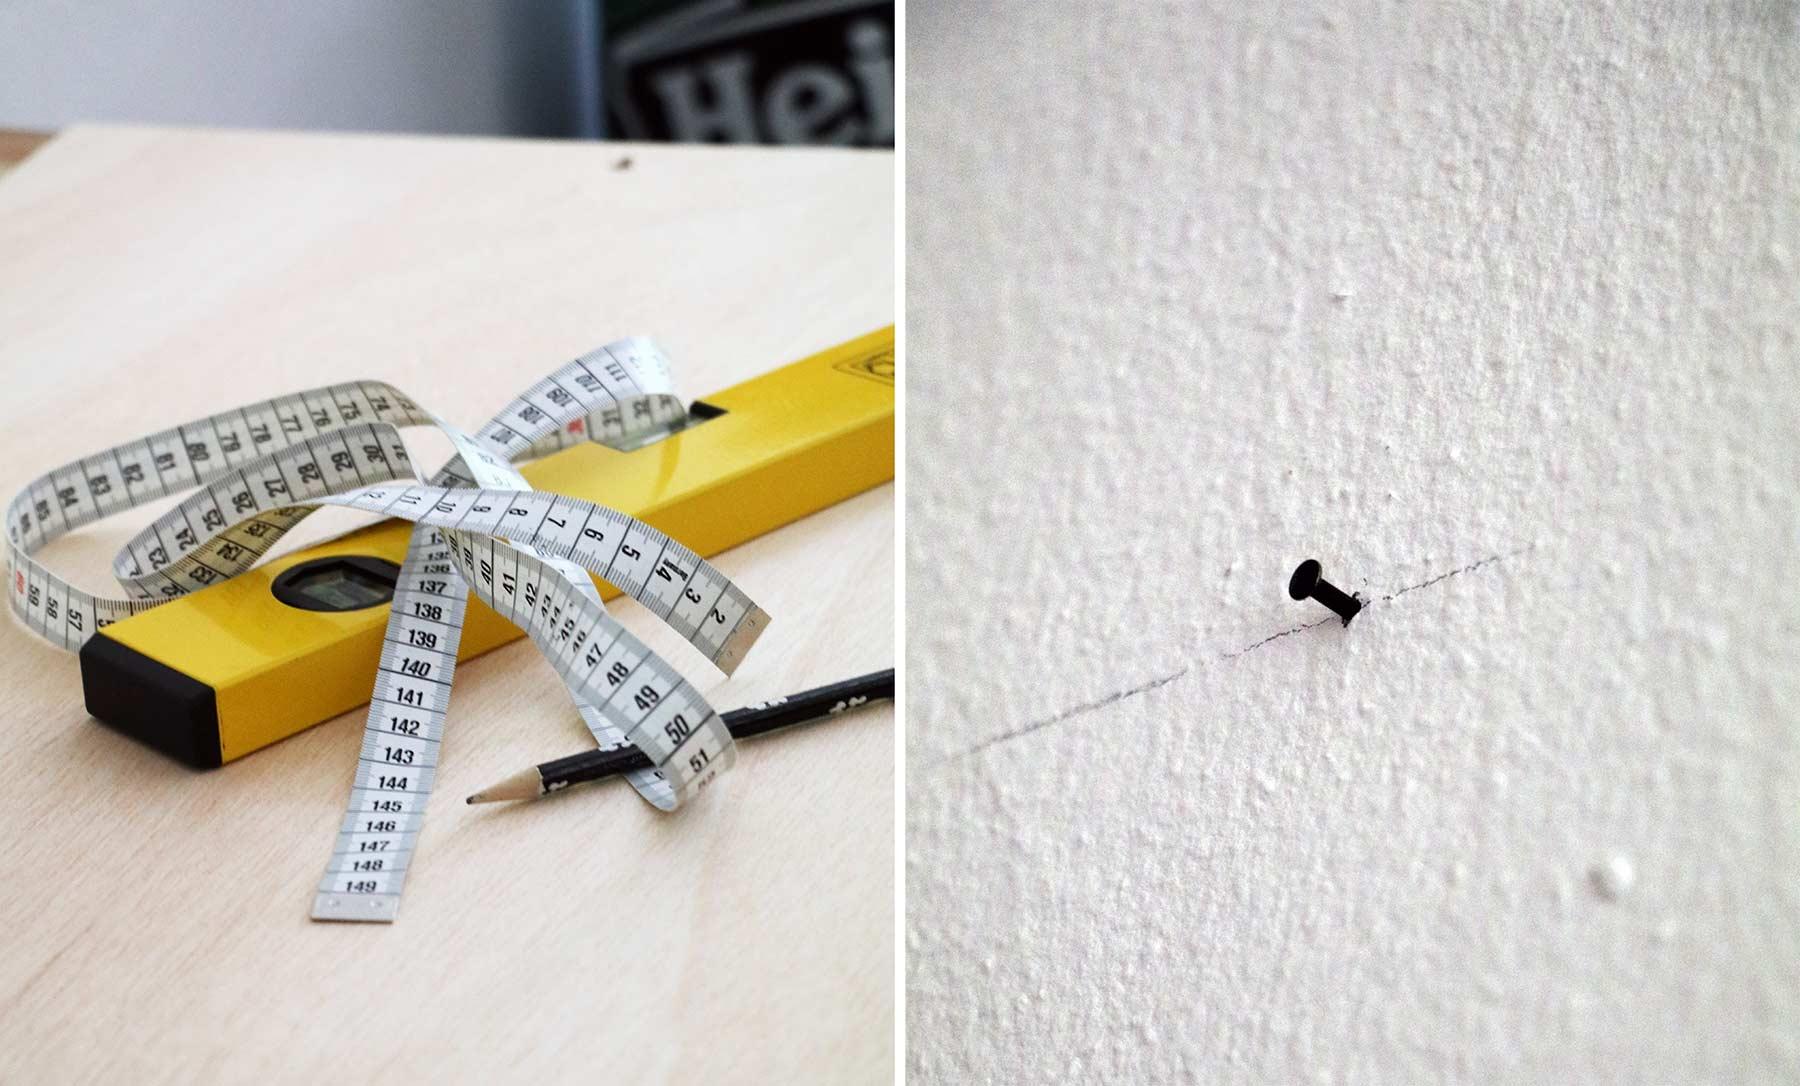 Holzbilddrucke von Posterlounge im Test posterlounge-holzbild-test_06